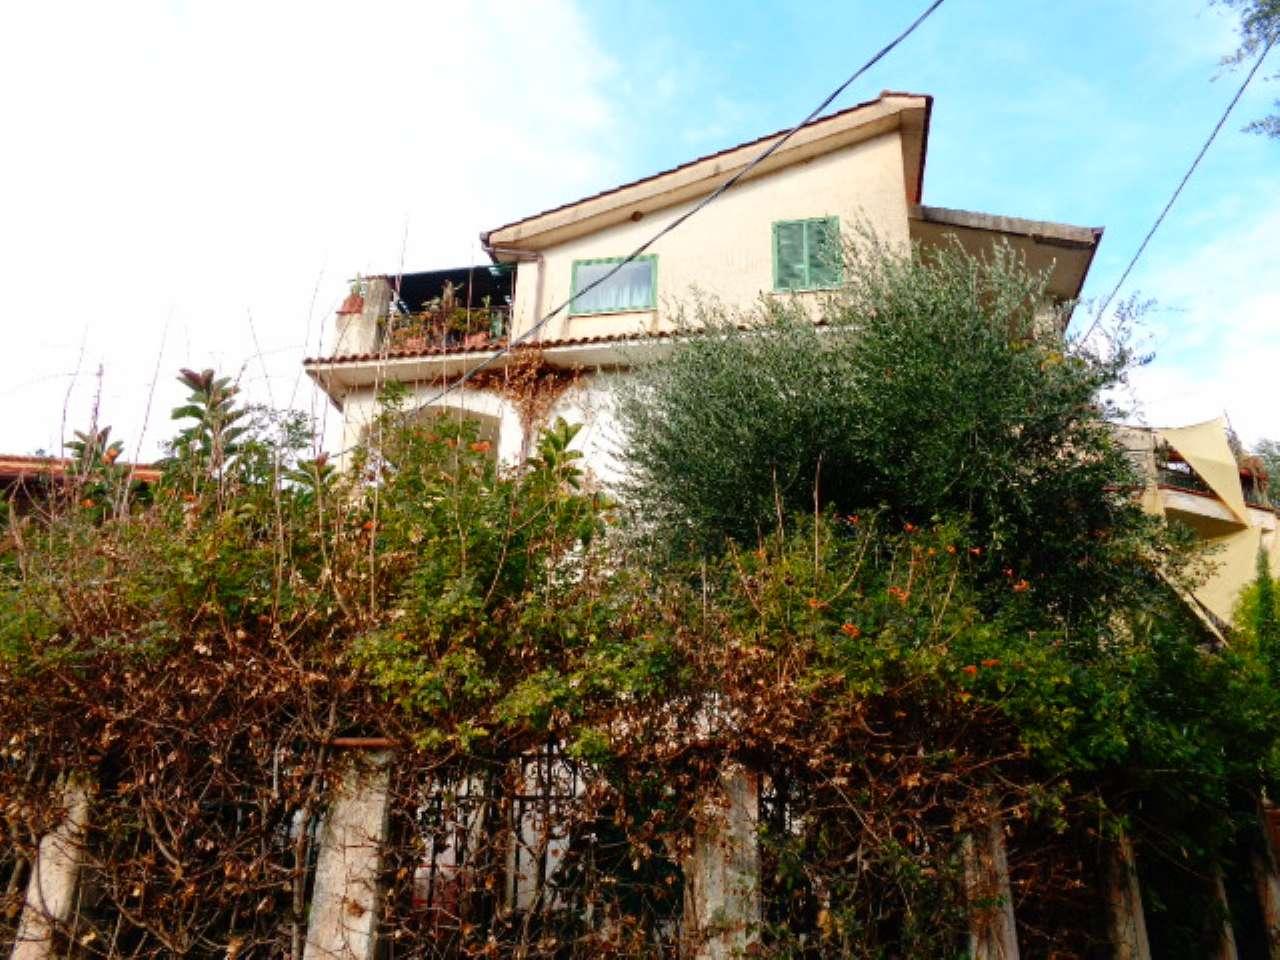 Foto 1 di Rustico / Casale contrada Valle di Marco, frazione Caprioli, Pisciotta